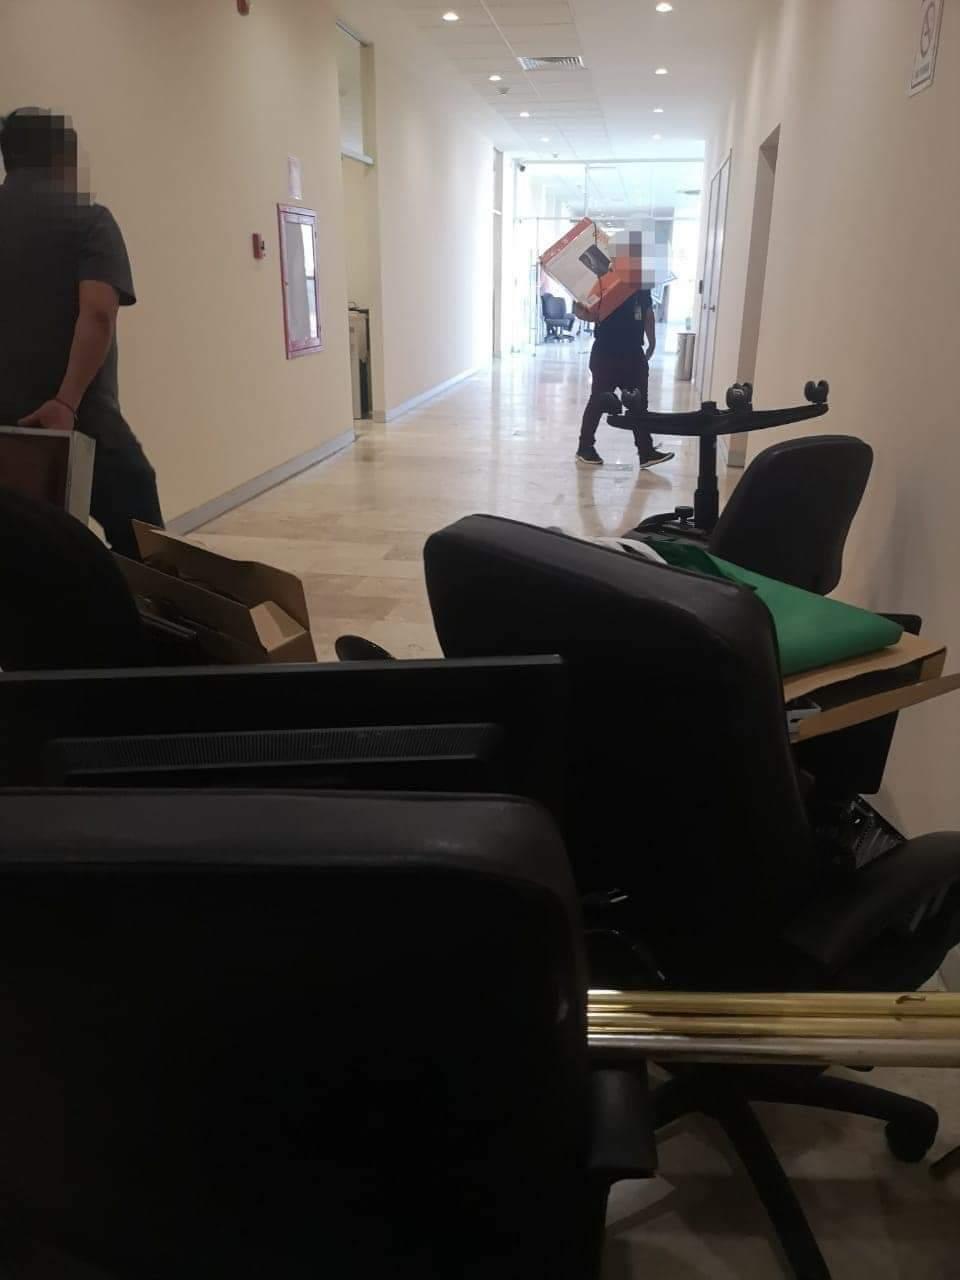 En estos momentos dentro del C5 se rumora que personal de Secretaría de Seguridad Ciudadana municipal está siendo desalojado por policías estatales